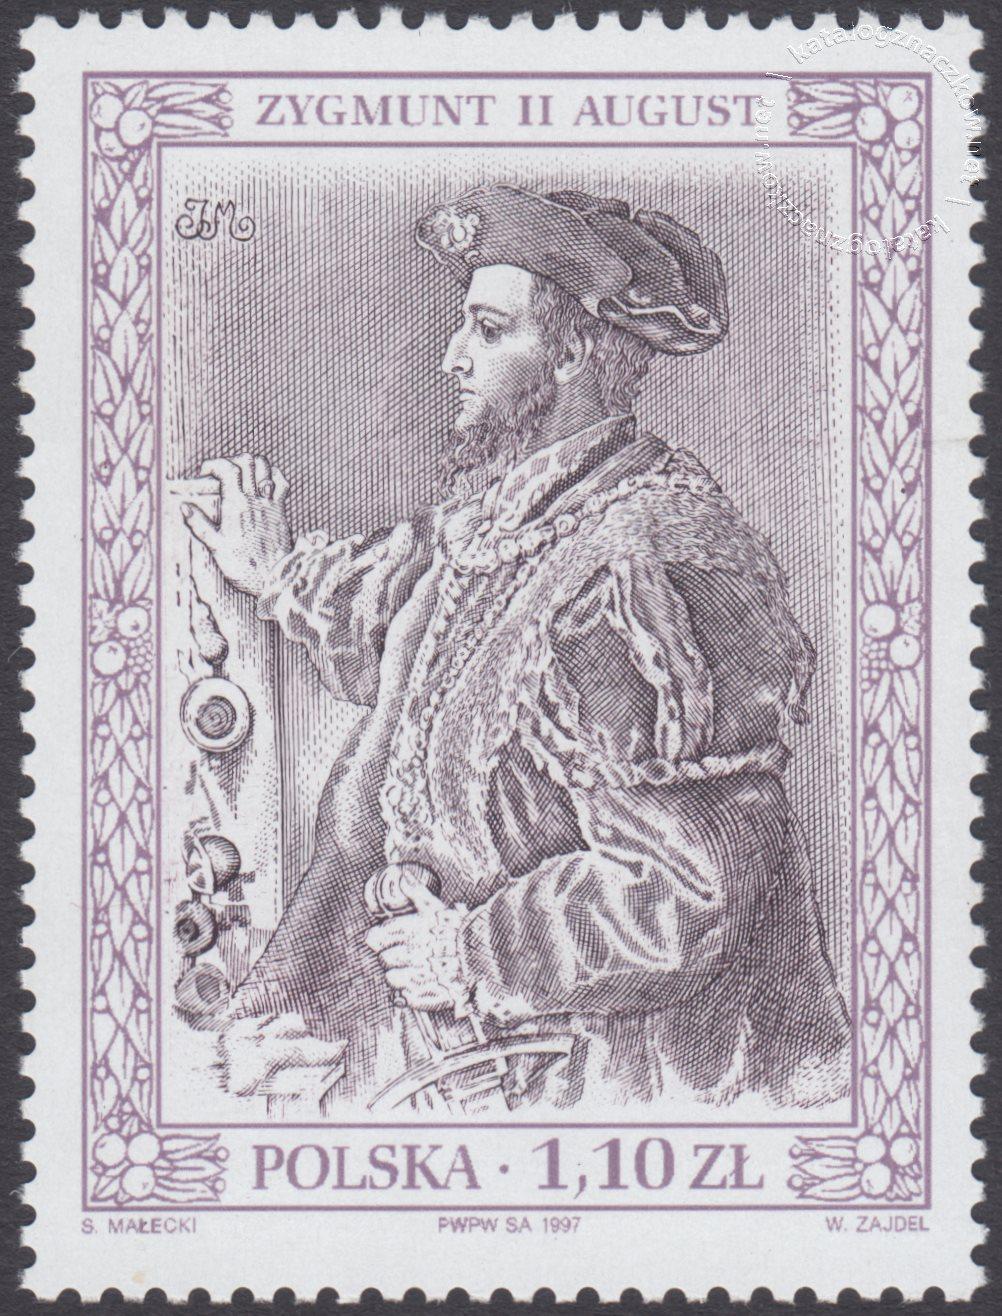 Poczet królów i książąt polskich znaczek nr 3526